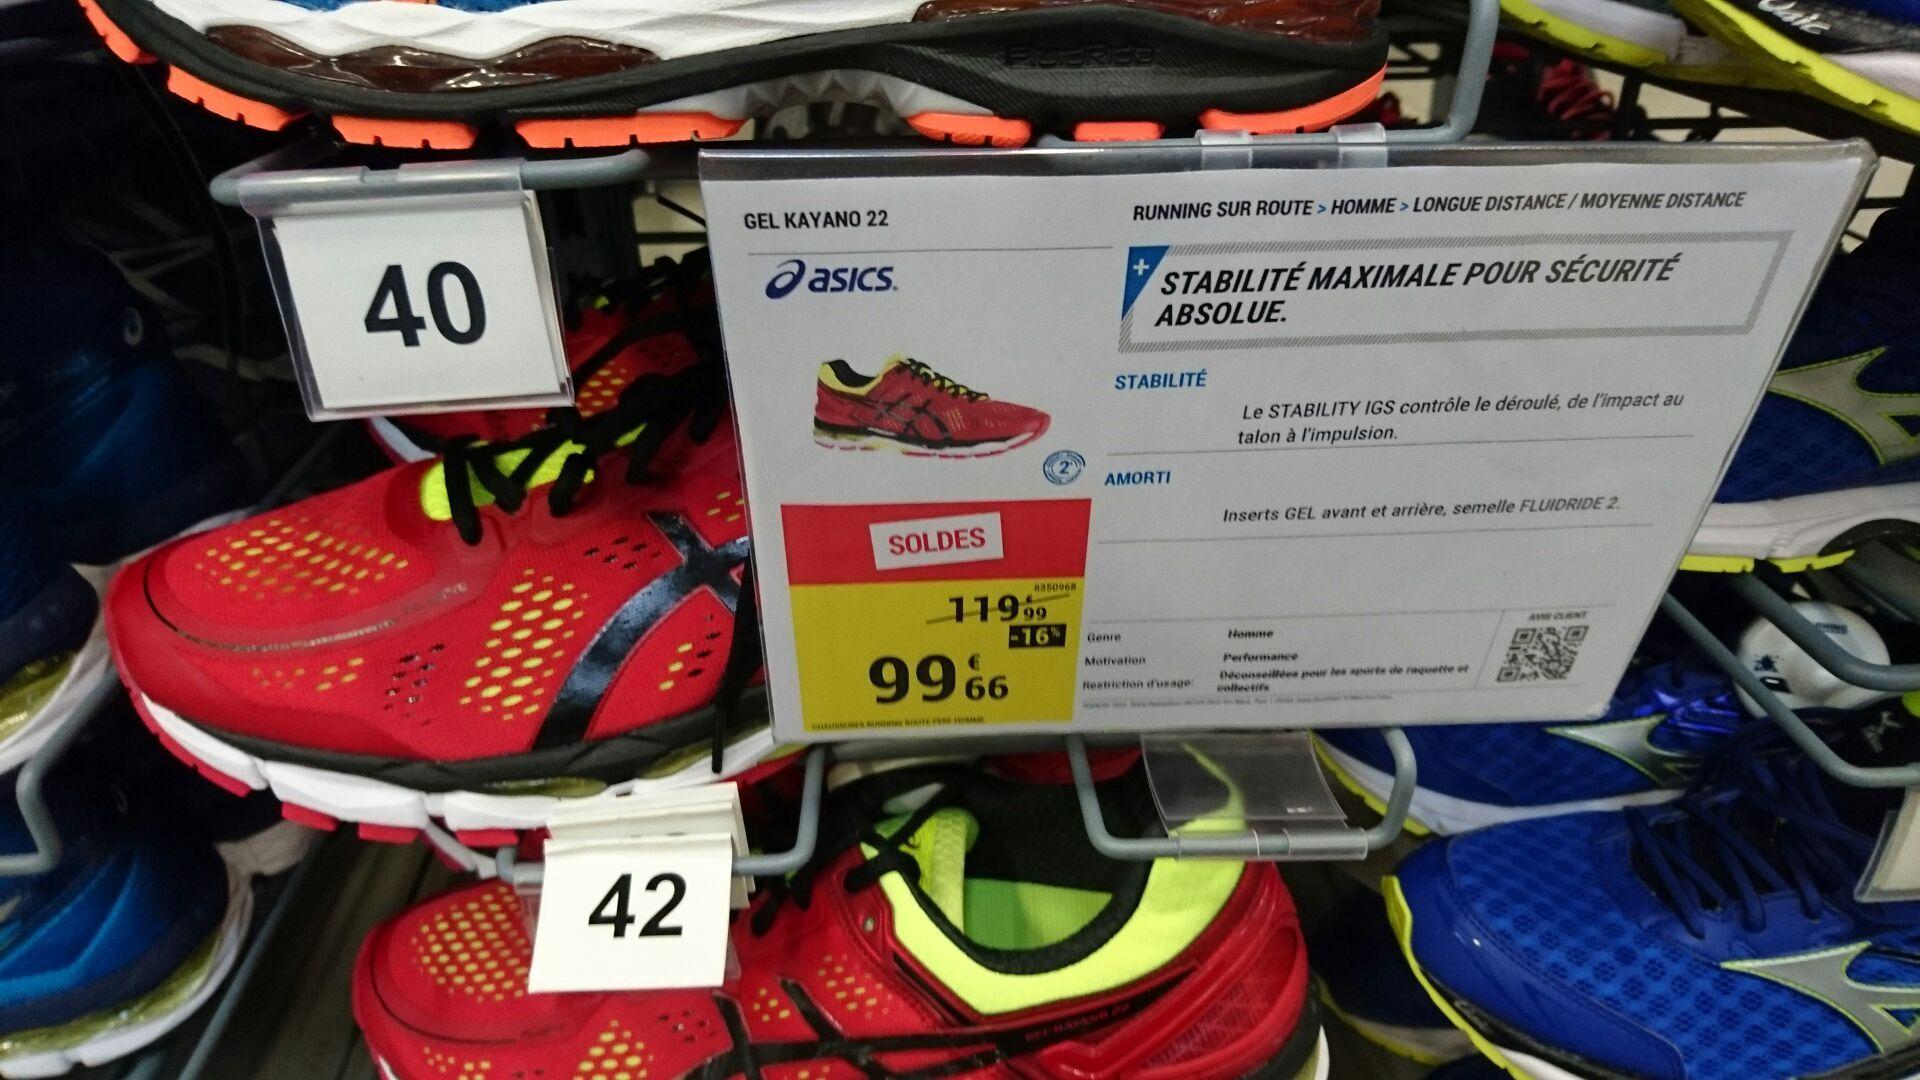 Chaussures running Asics Kayano 22 - Rouge